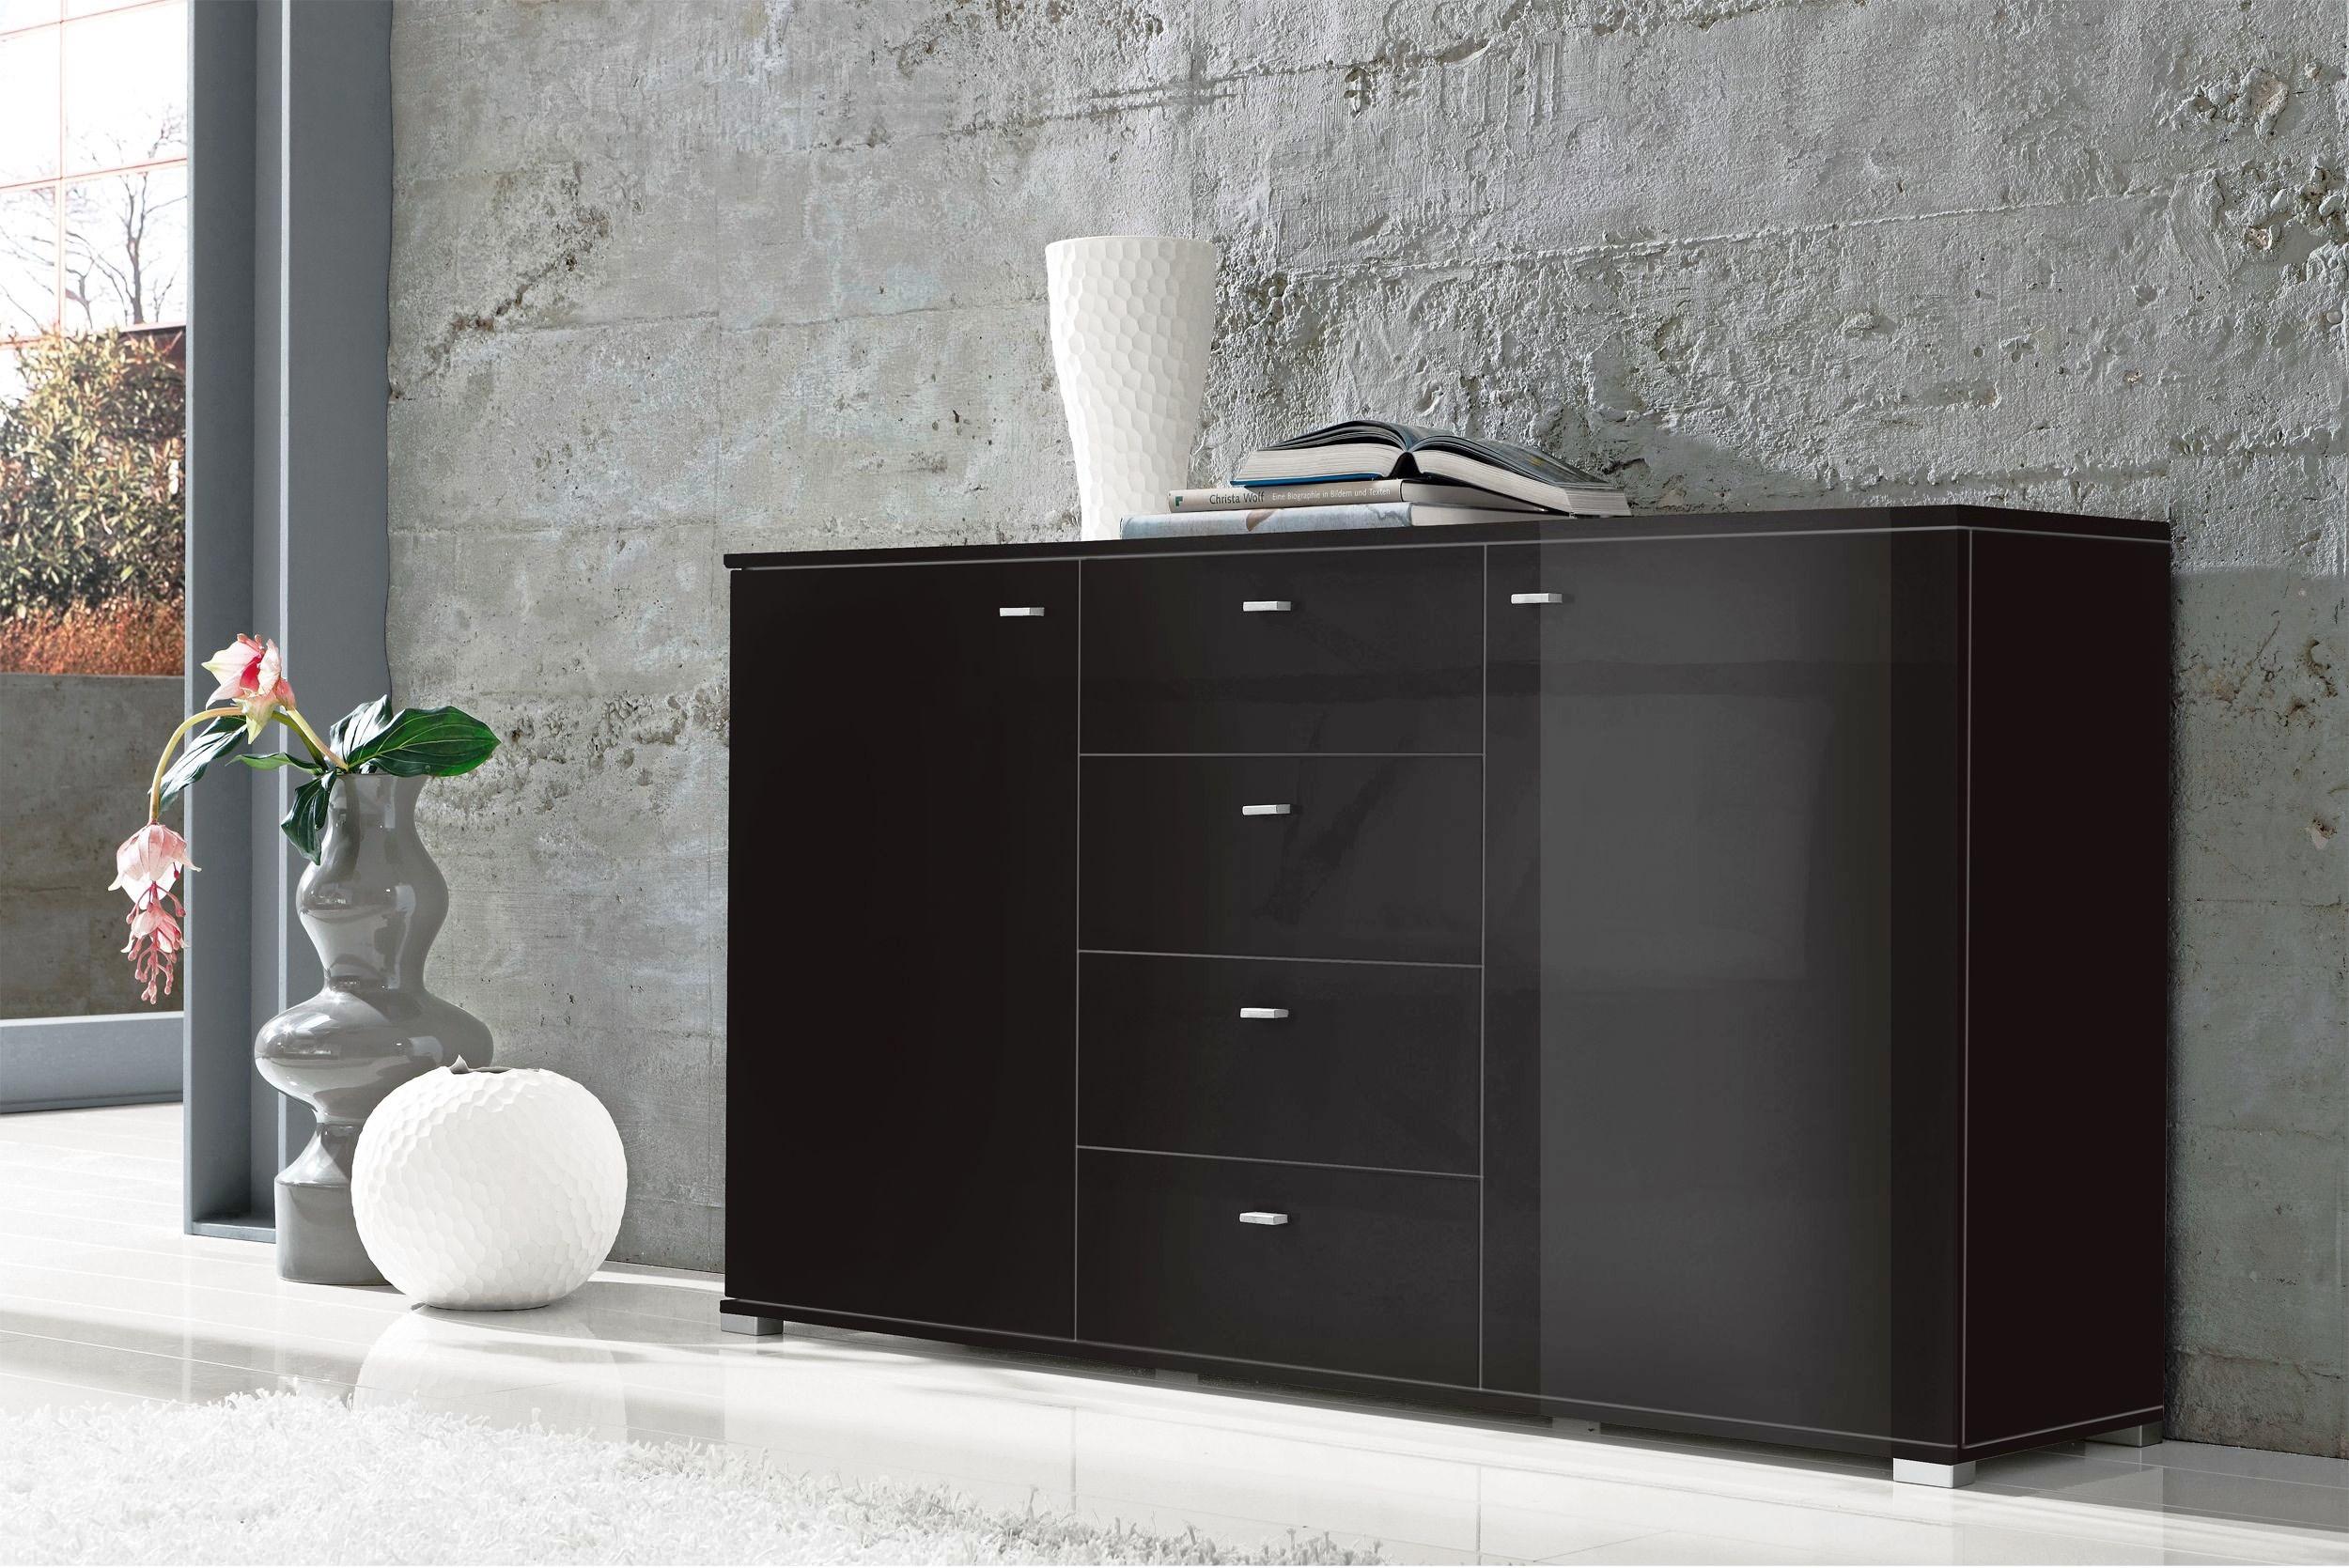 Мебель темного цвета